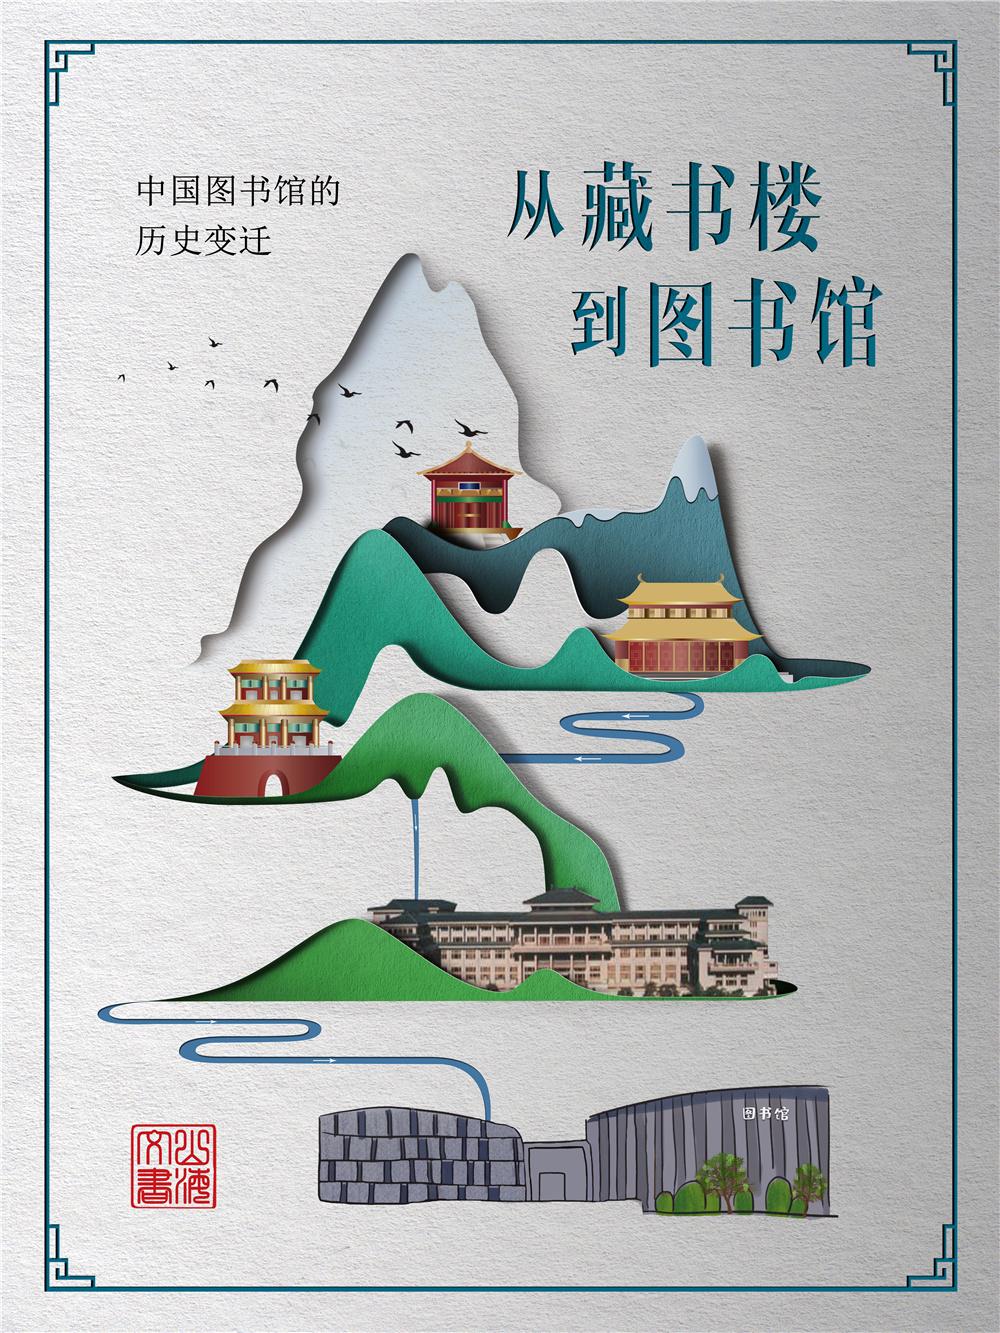 从藏书楼到图书馆―中国图书馆的历史变迁